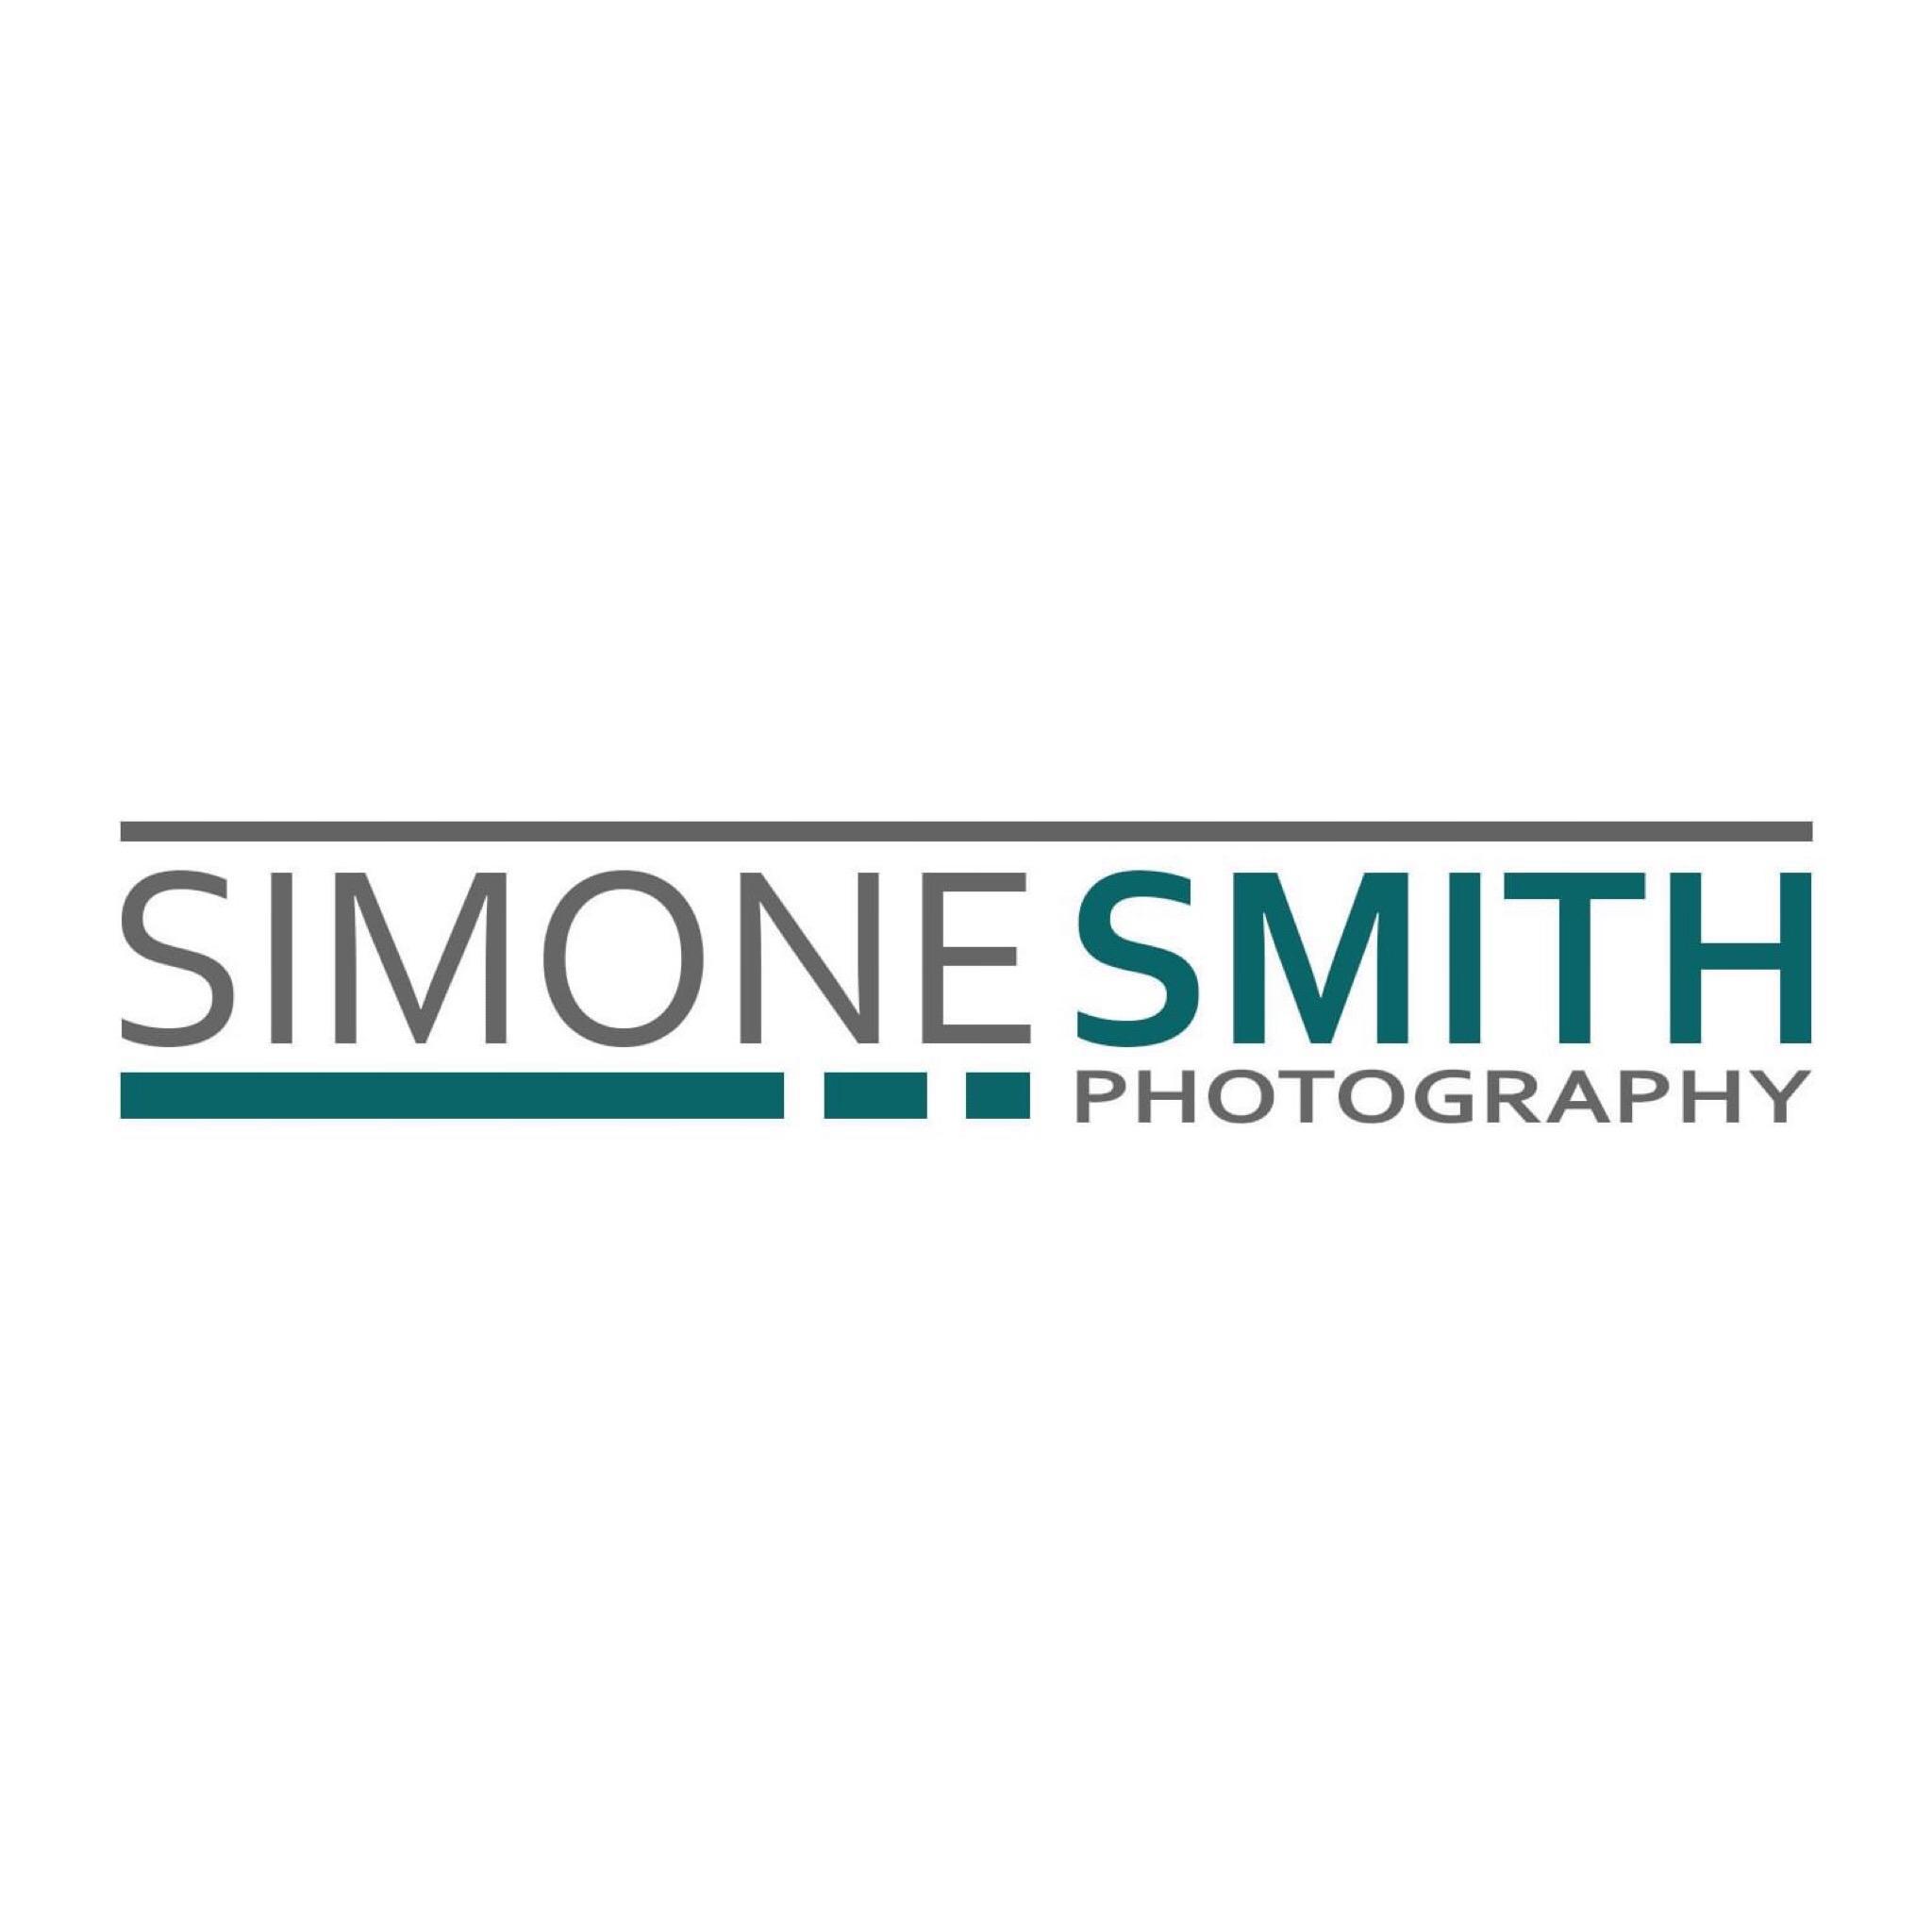 Simone Smith Photography